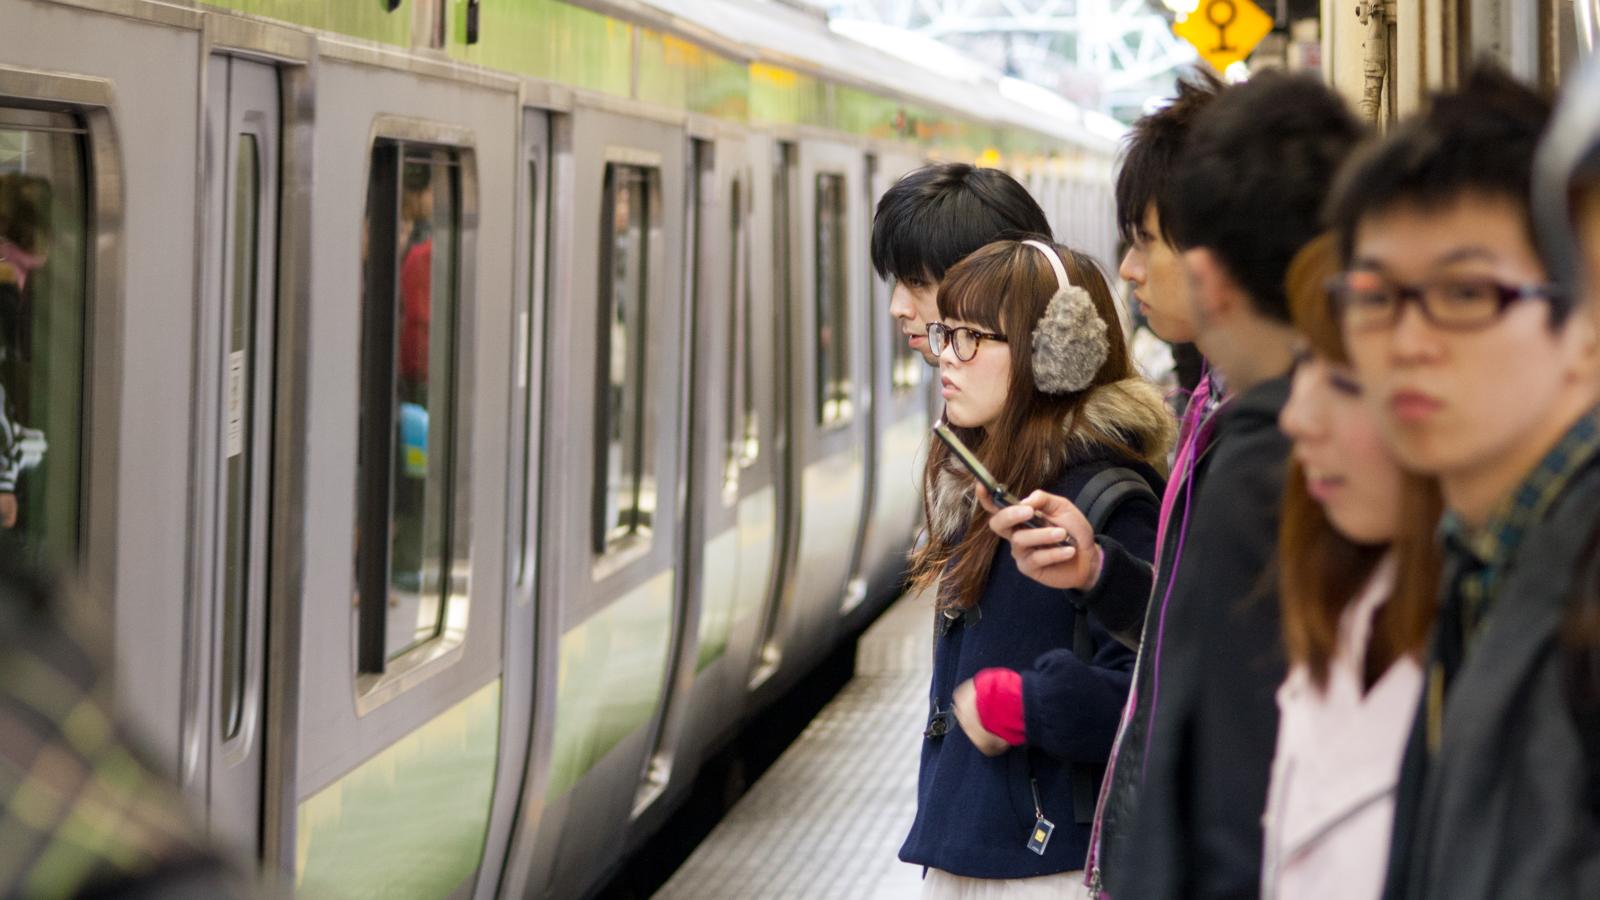 Platform - Shibuya, Tokyo - 2012